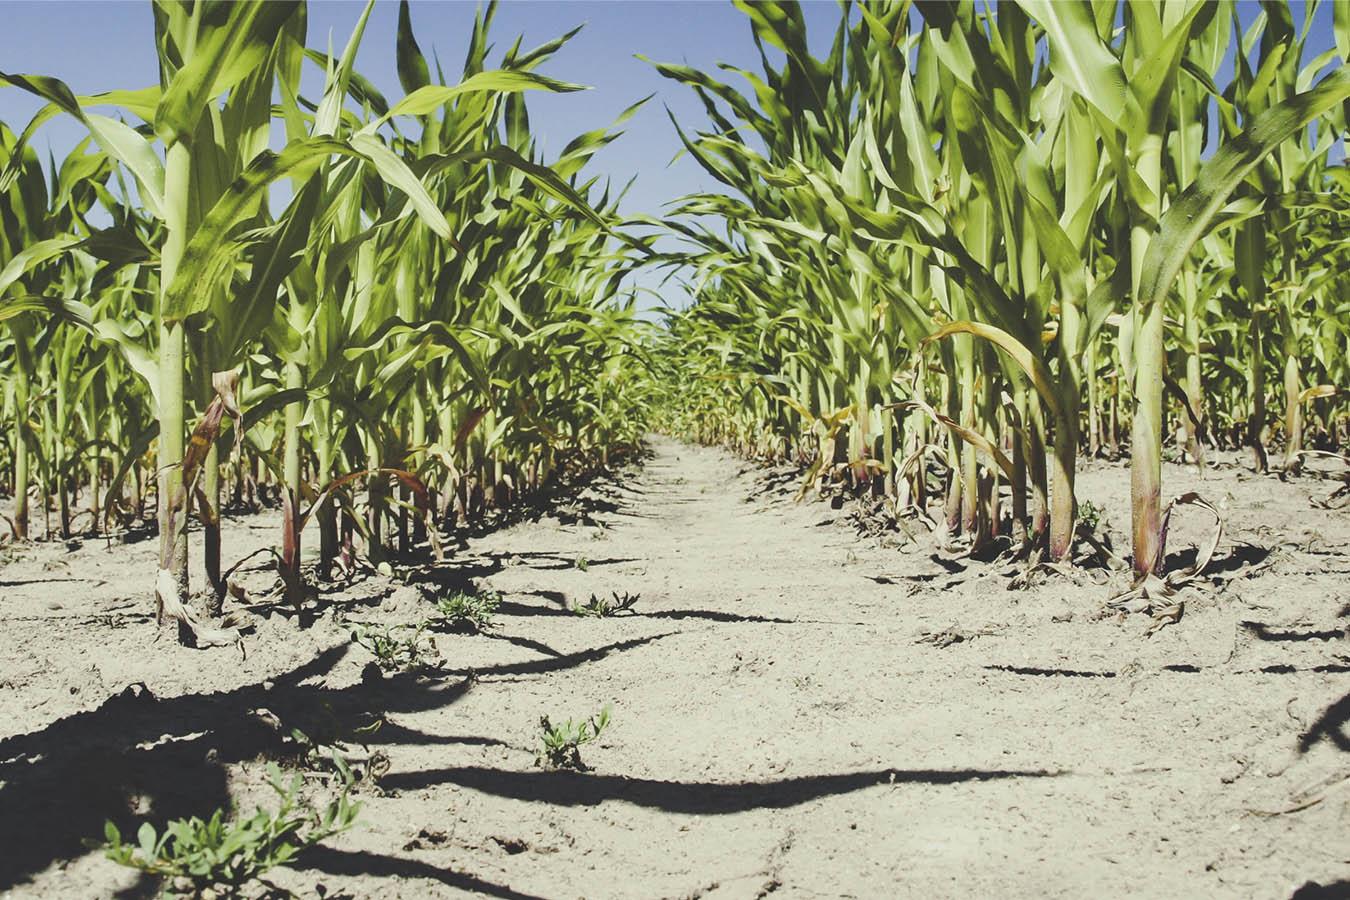 herbicida glifosato herbicida maíz transgénico